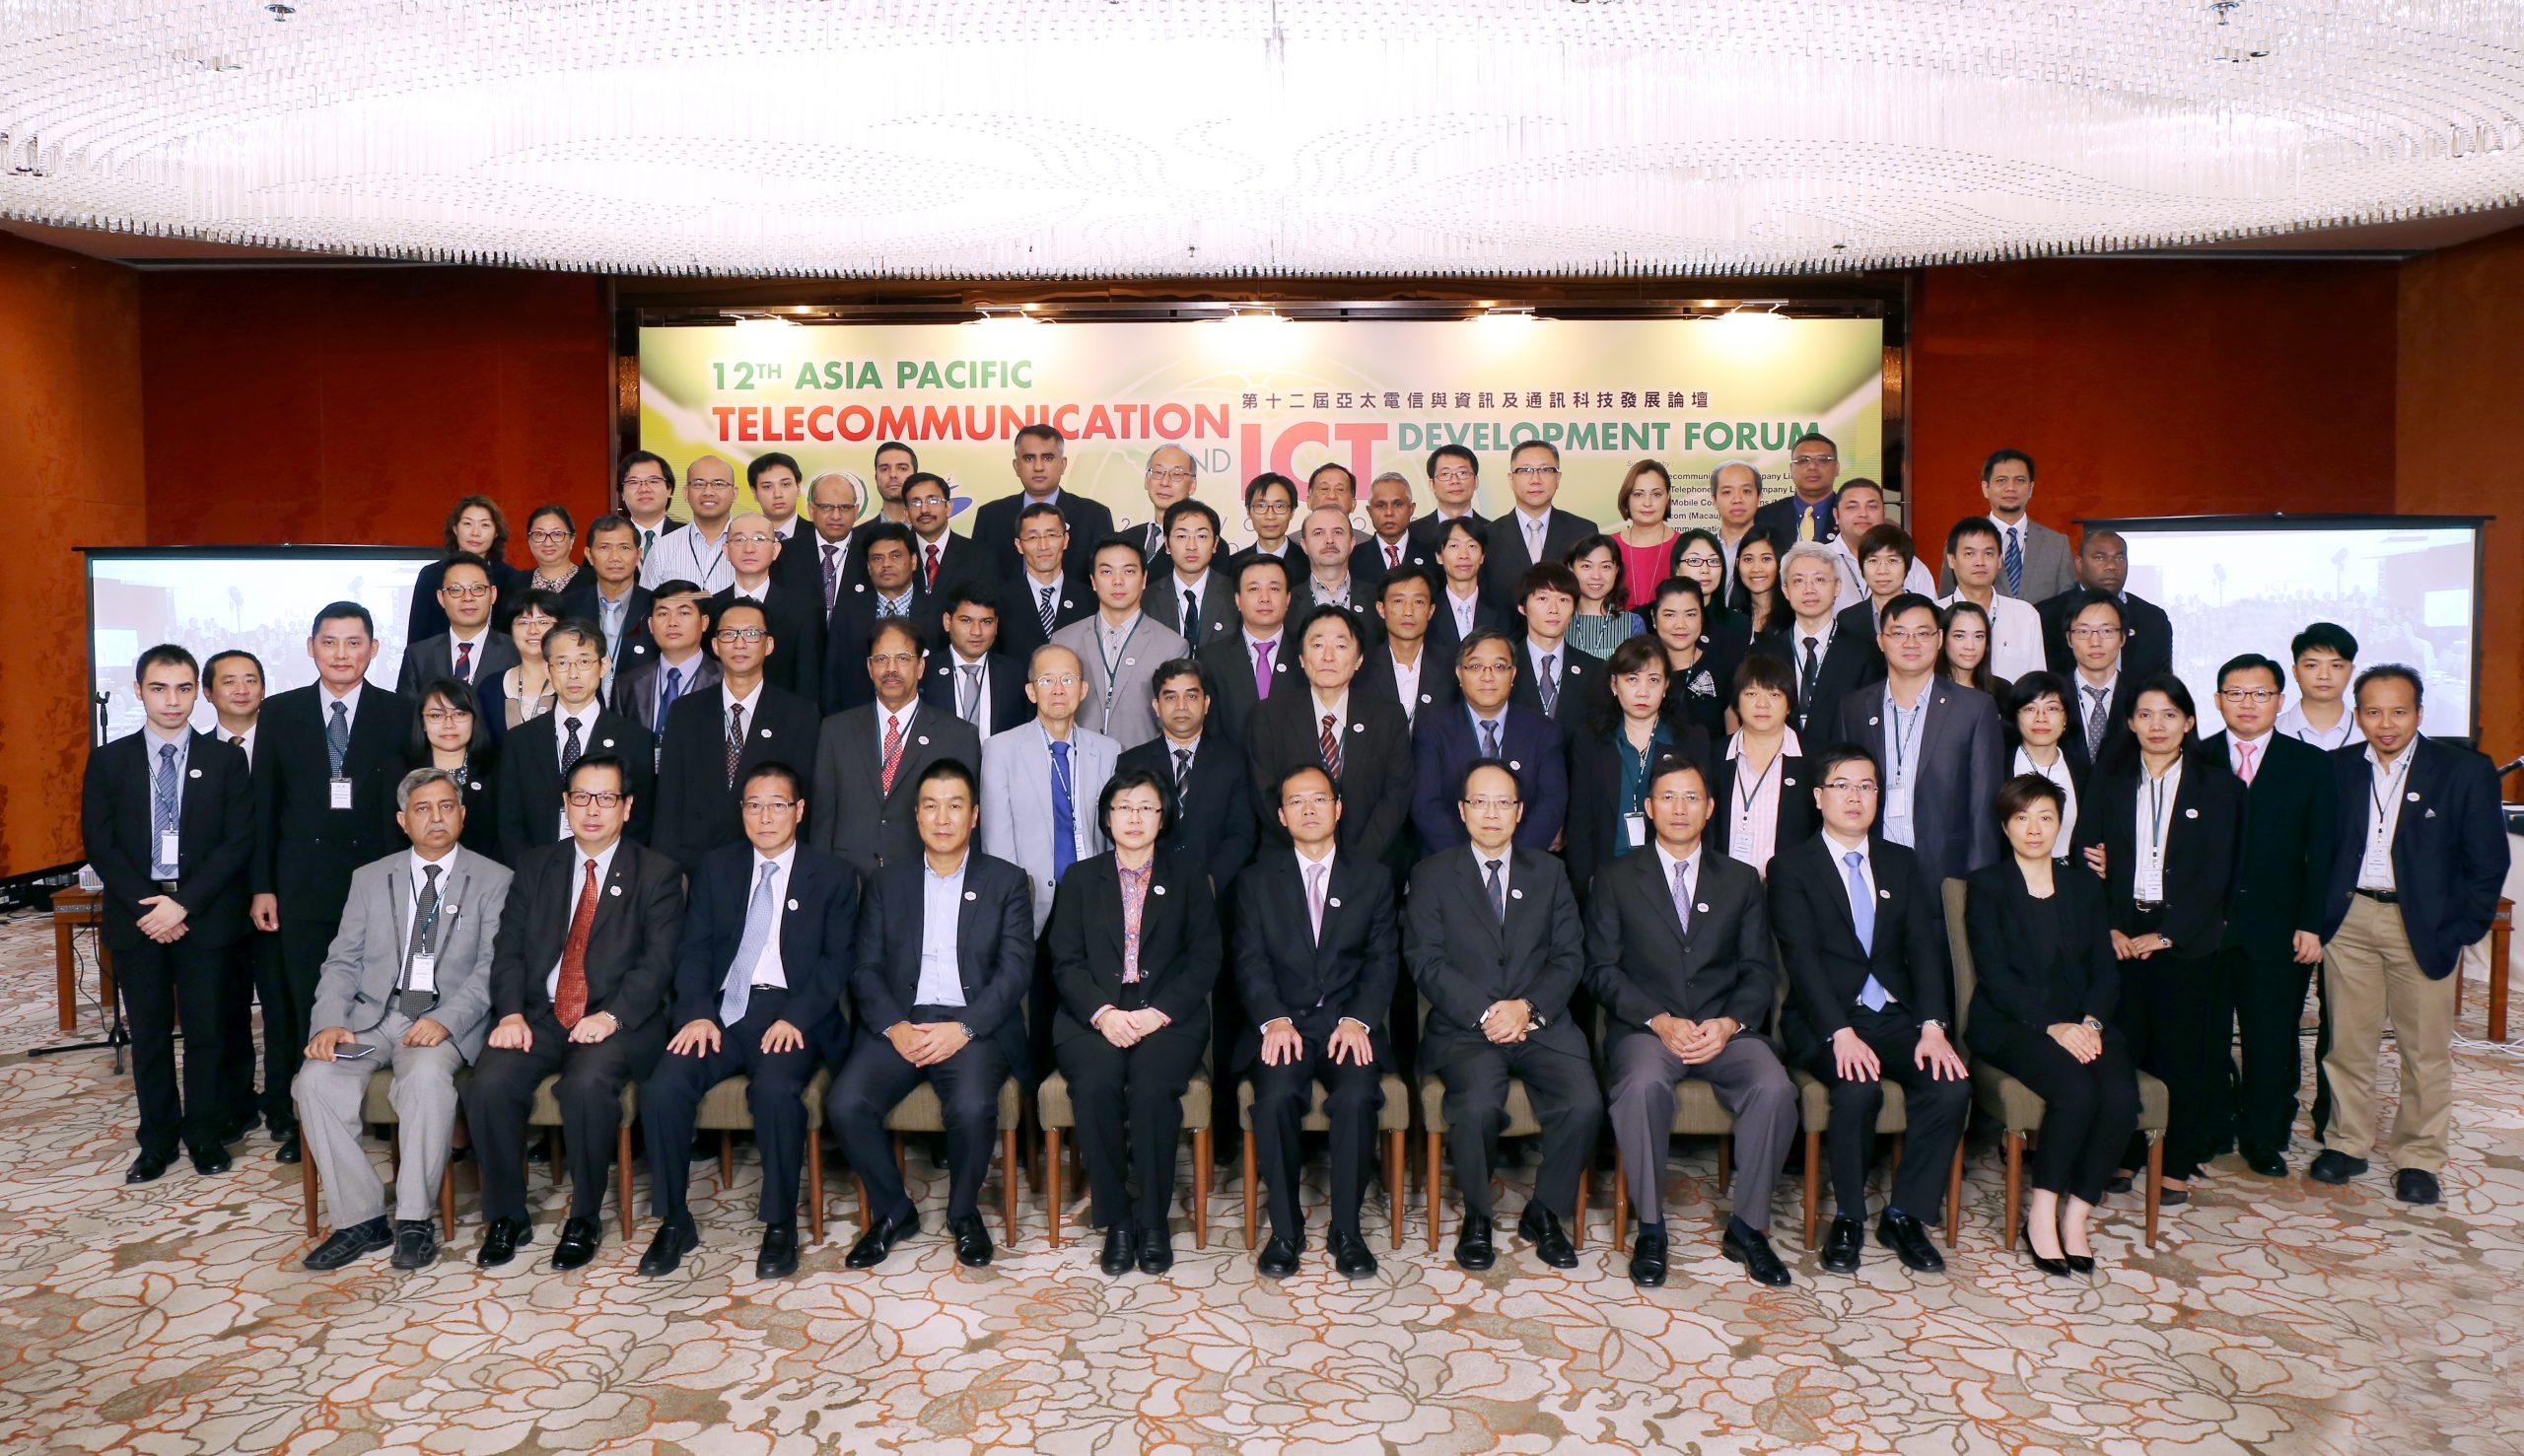 アジア太平洋電気通信共同体ICT Developmentフォーラム参加